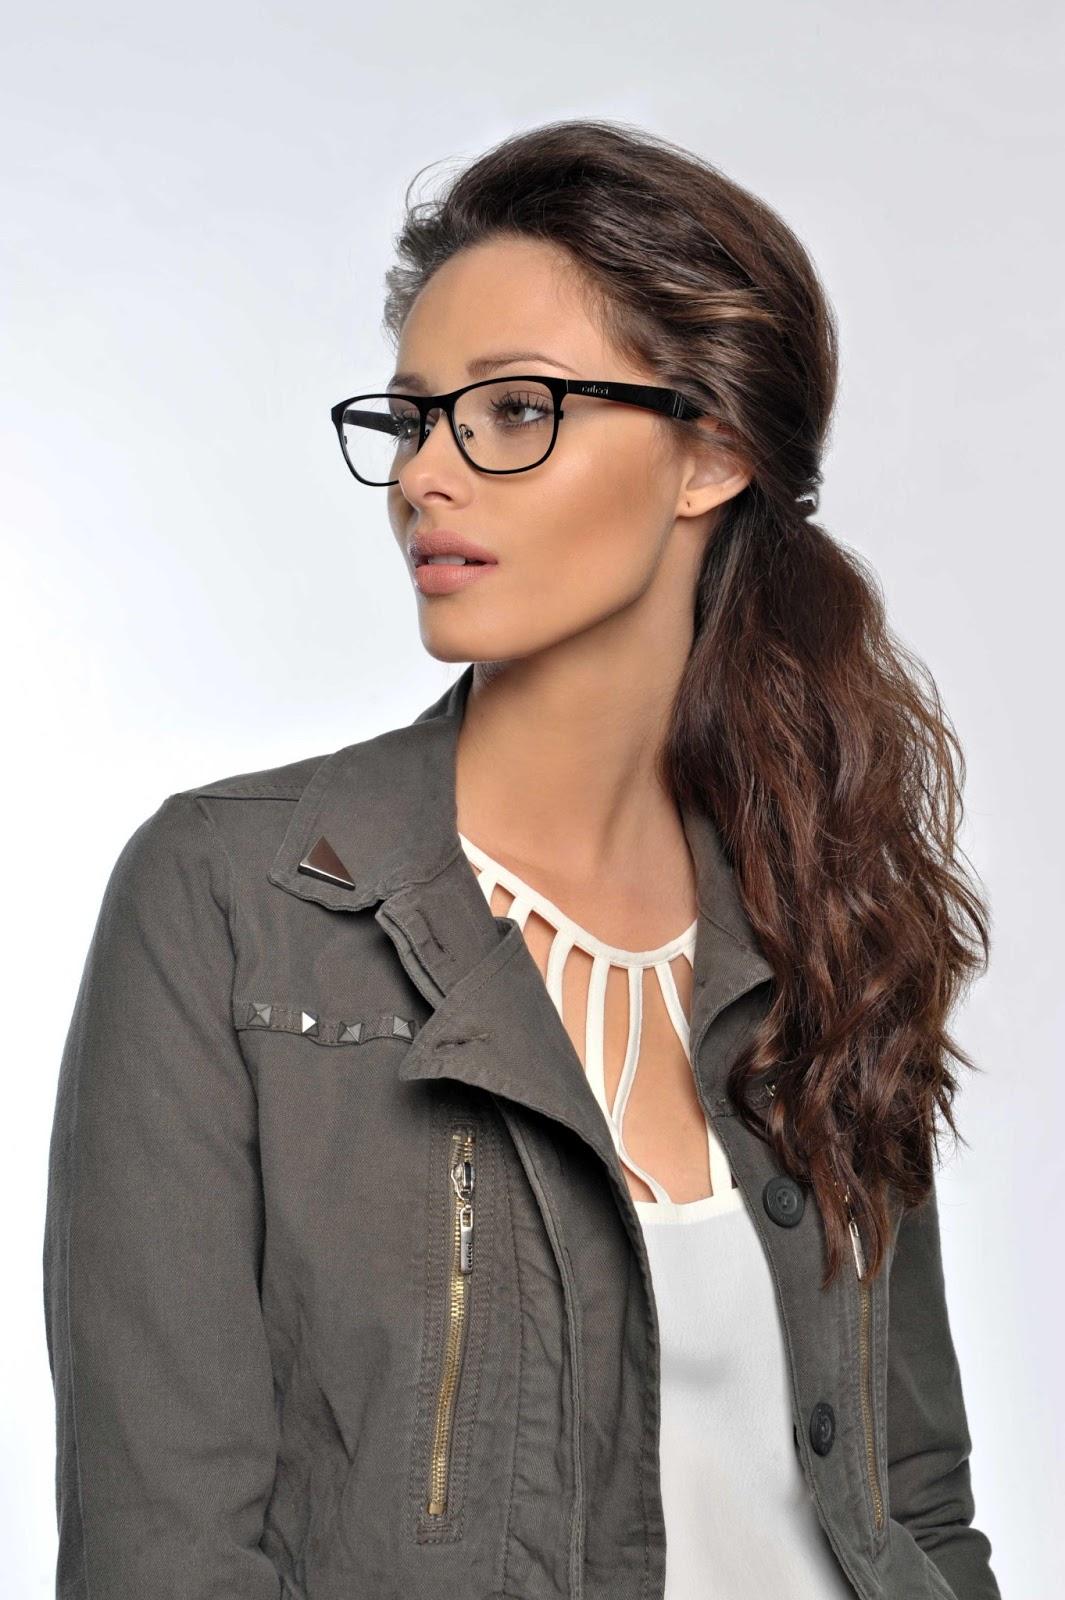 O figurino é composto por peças da coleção de inverno 2013 da marca Colcci  e pelos principais modelos de óculos da linha, que se destacam no estilo  Retrô, ... f74676fde4